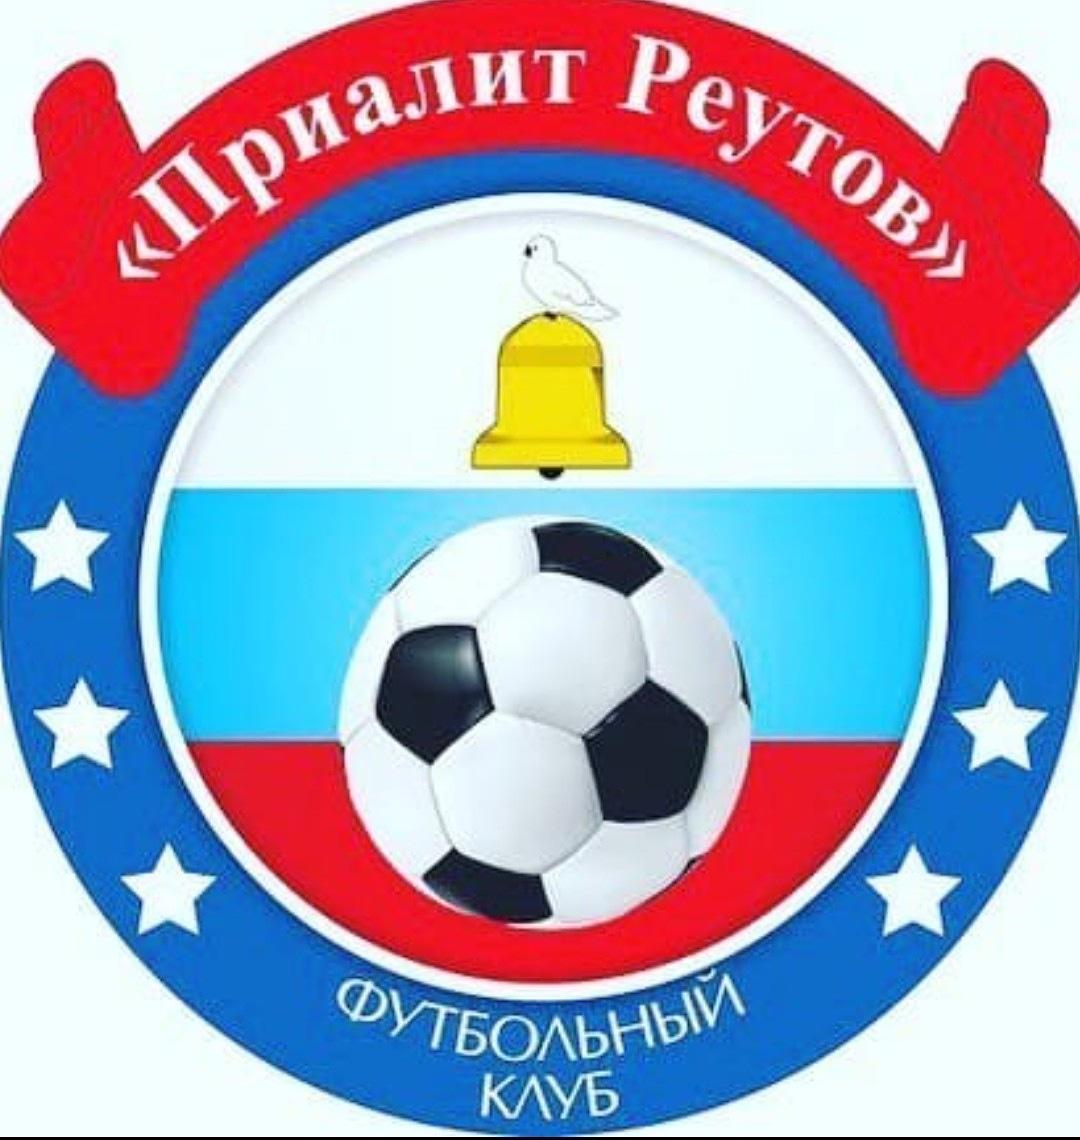 Приалит футбольный клуб москва клуб в москве тойота королла